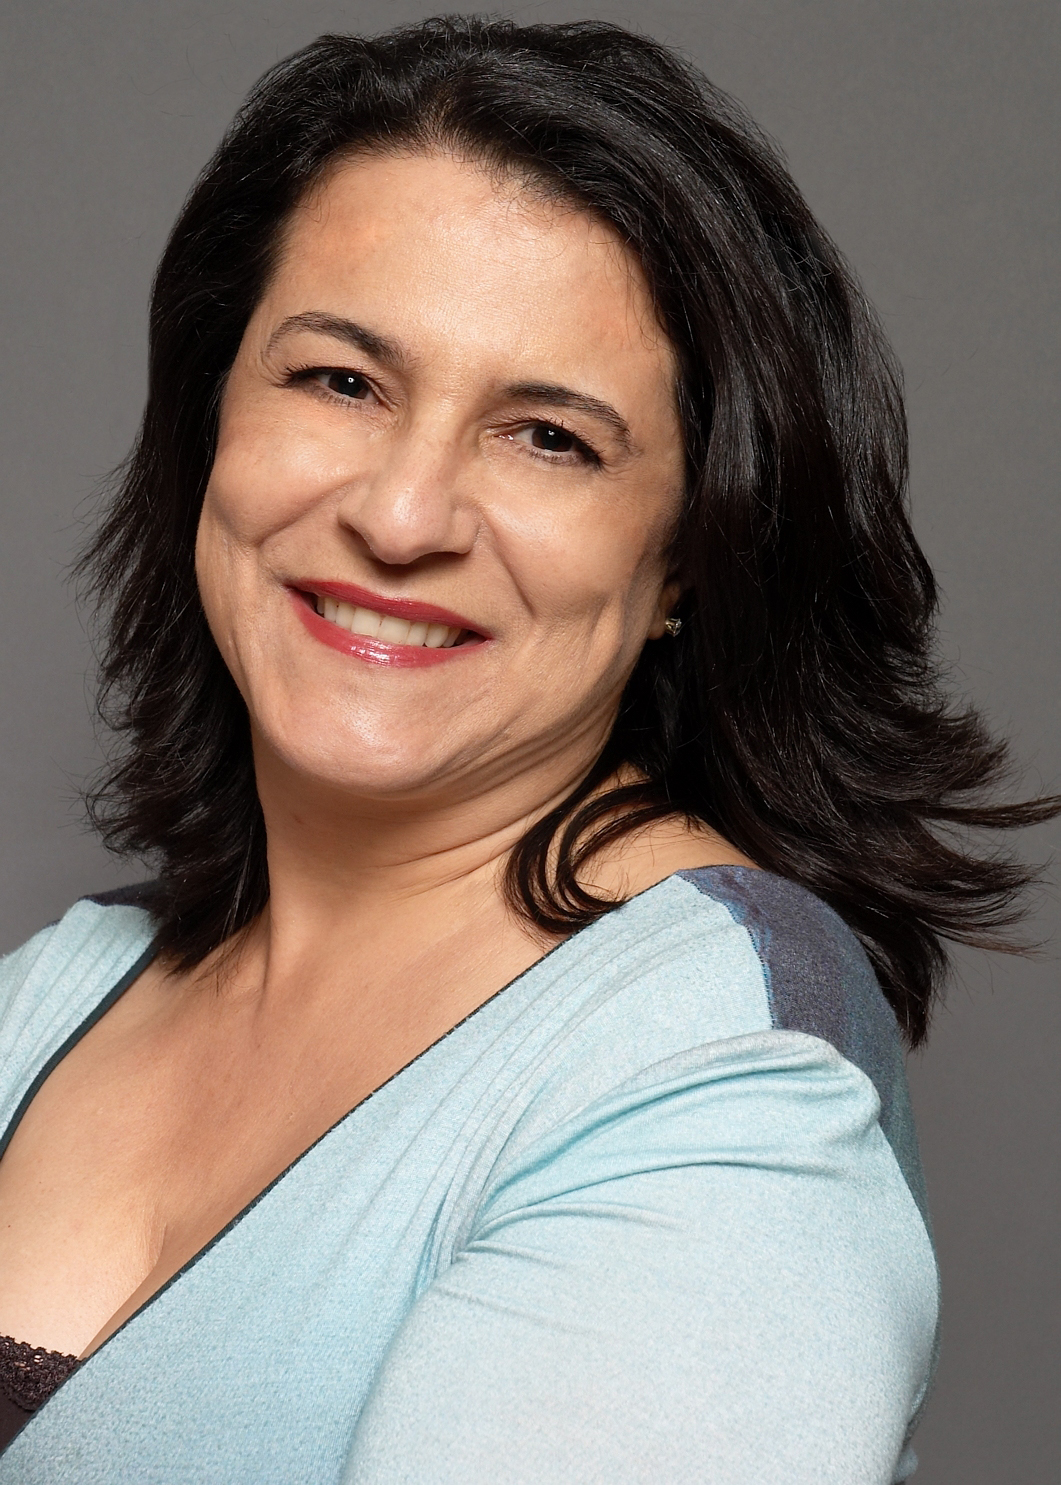 Dolores Pian